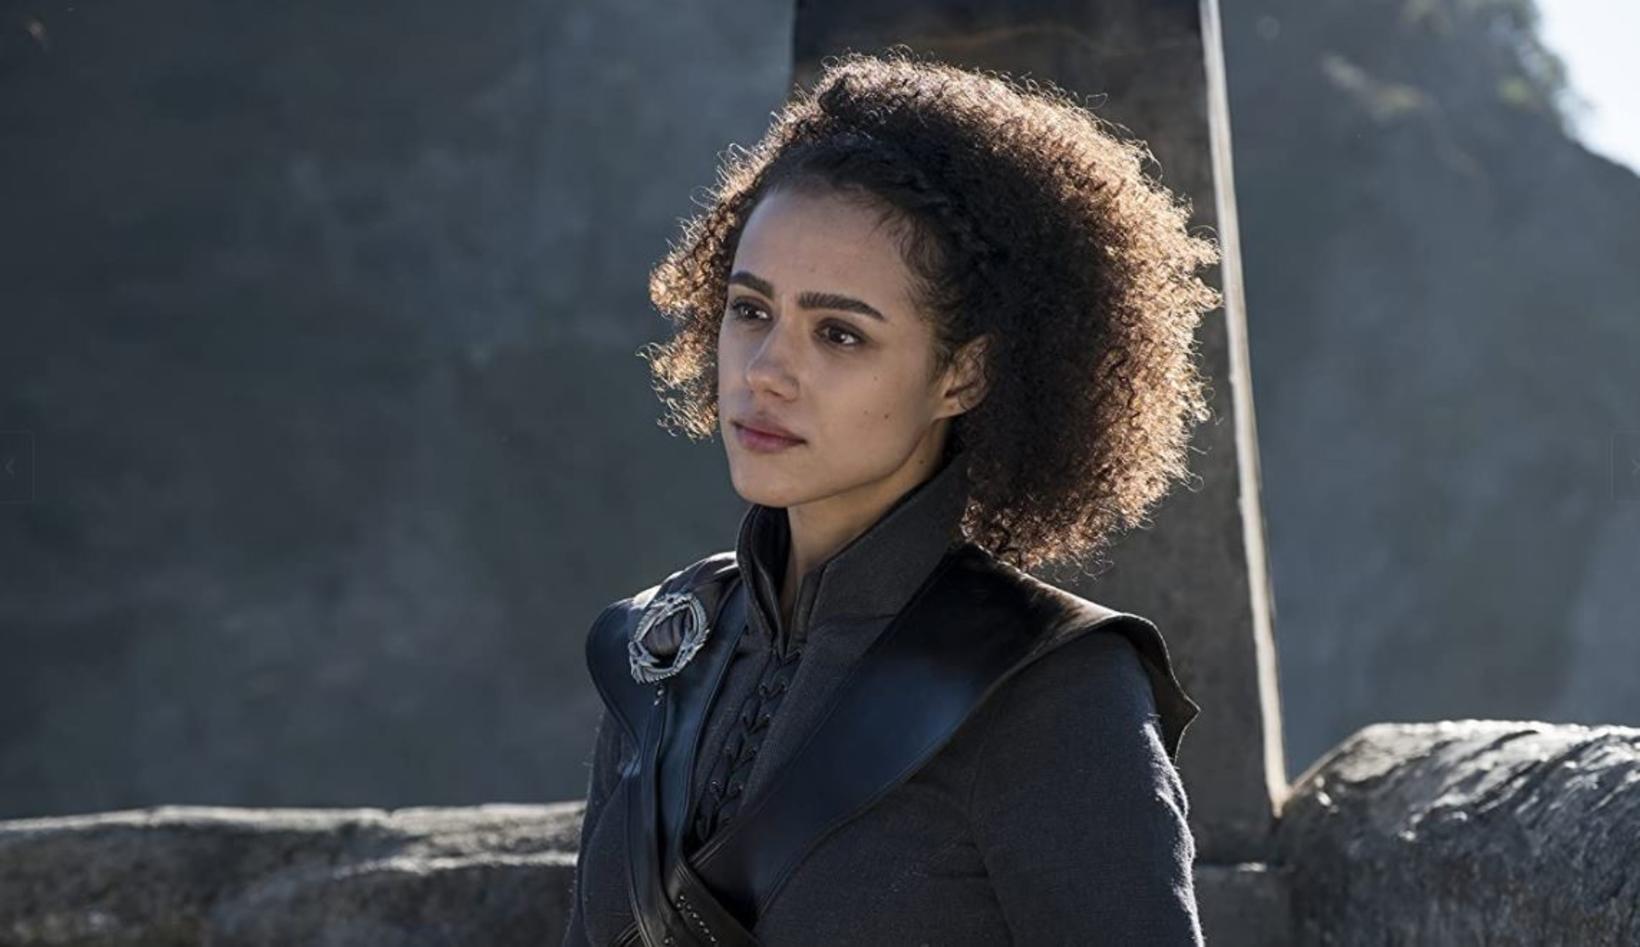 Nathalie Emmanuel úr Game of Thrones hélt hún væri í …